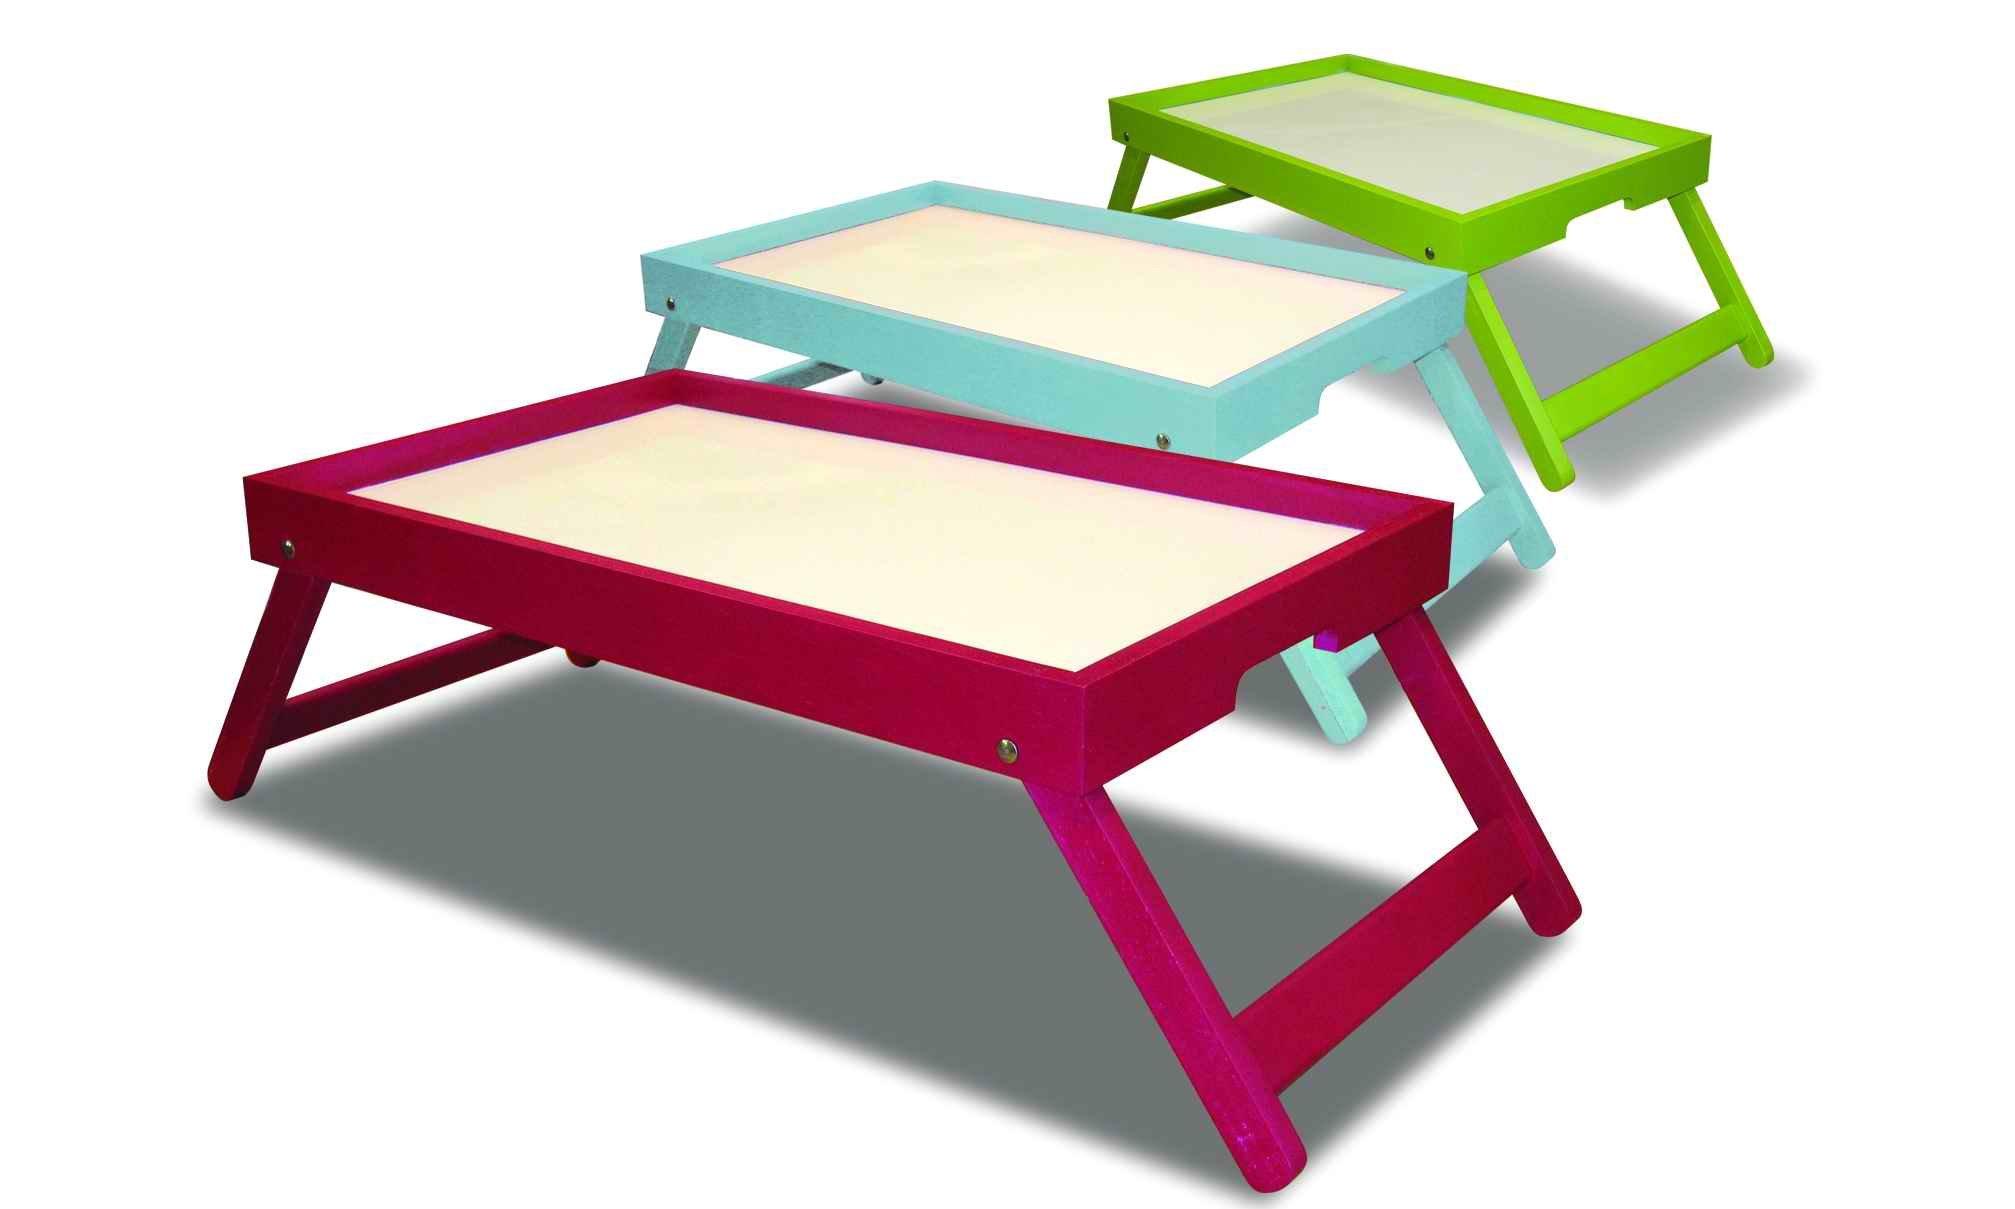 lit de couleur plateau plateau de service autres meubles en bois id de produit 107310851 french. Black Bedroom Furniture Sets. Home Design Ideas